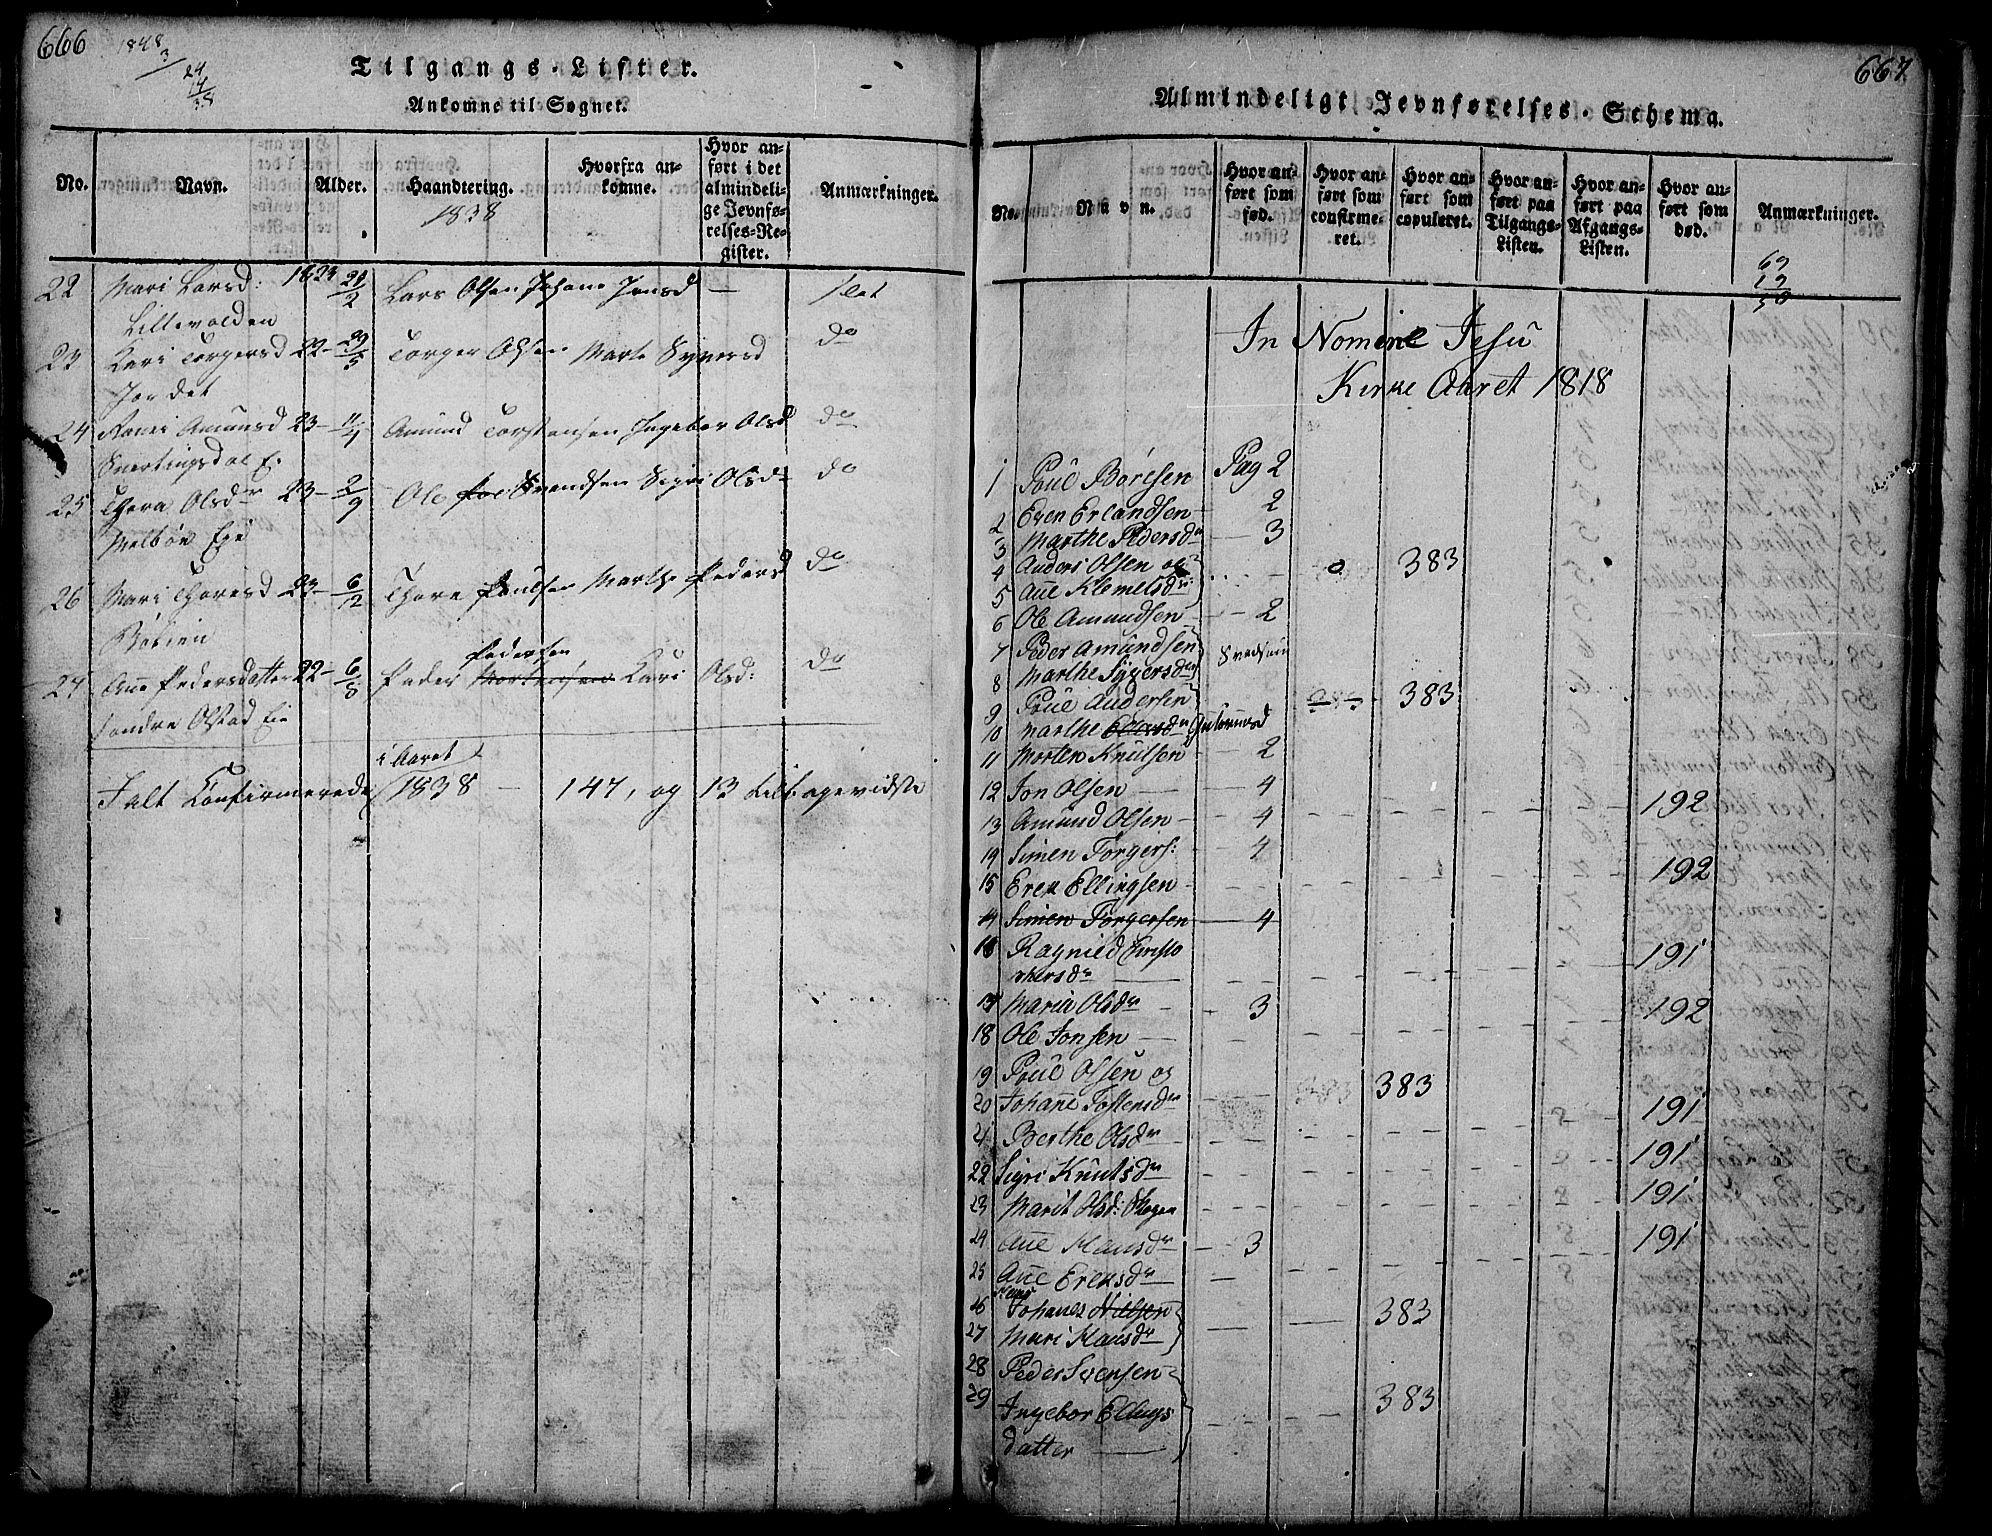 SAH, Gausdal prestekontor, Klokkerbok nr. 1, 1817-1848, s. 666-667